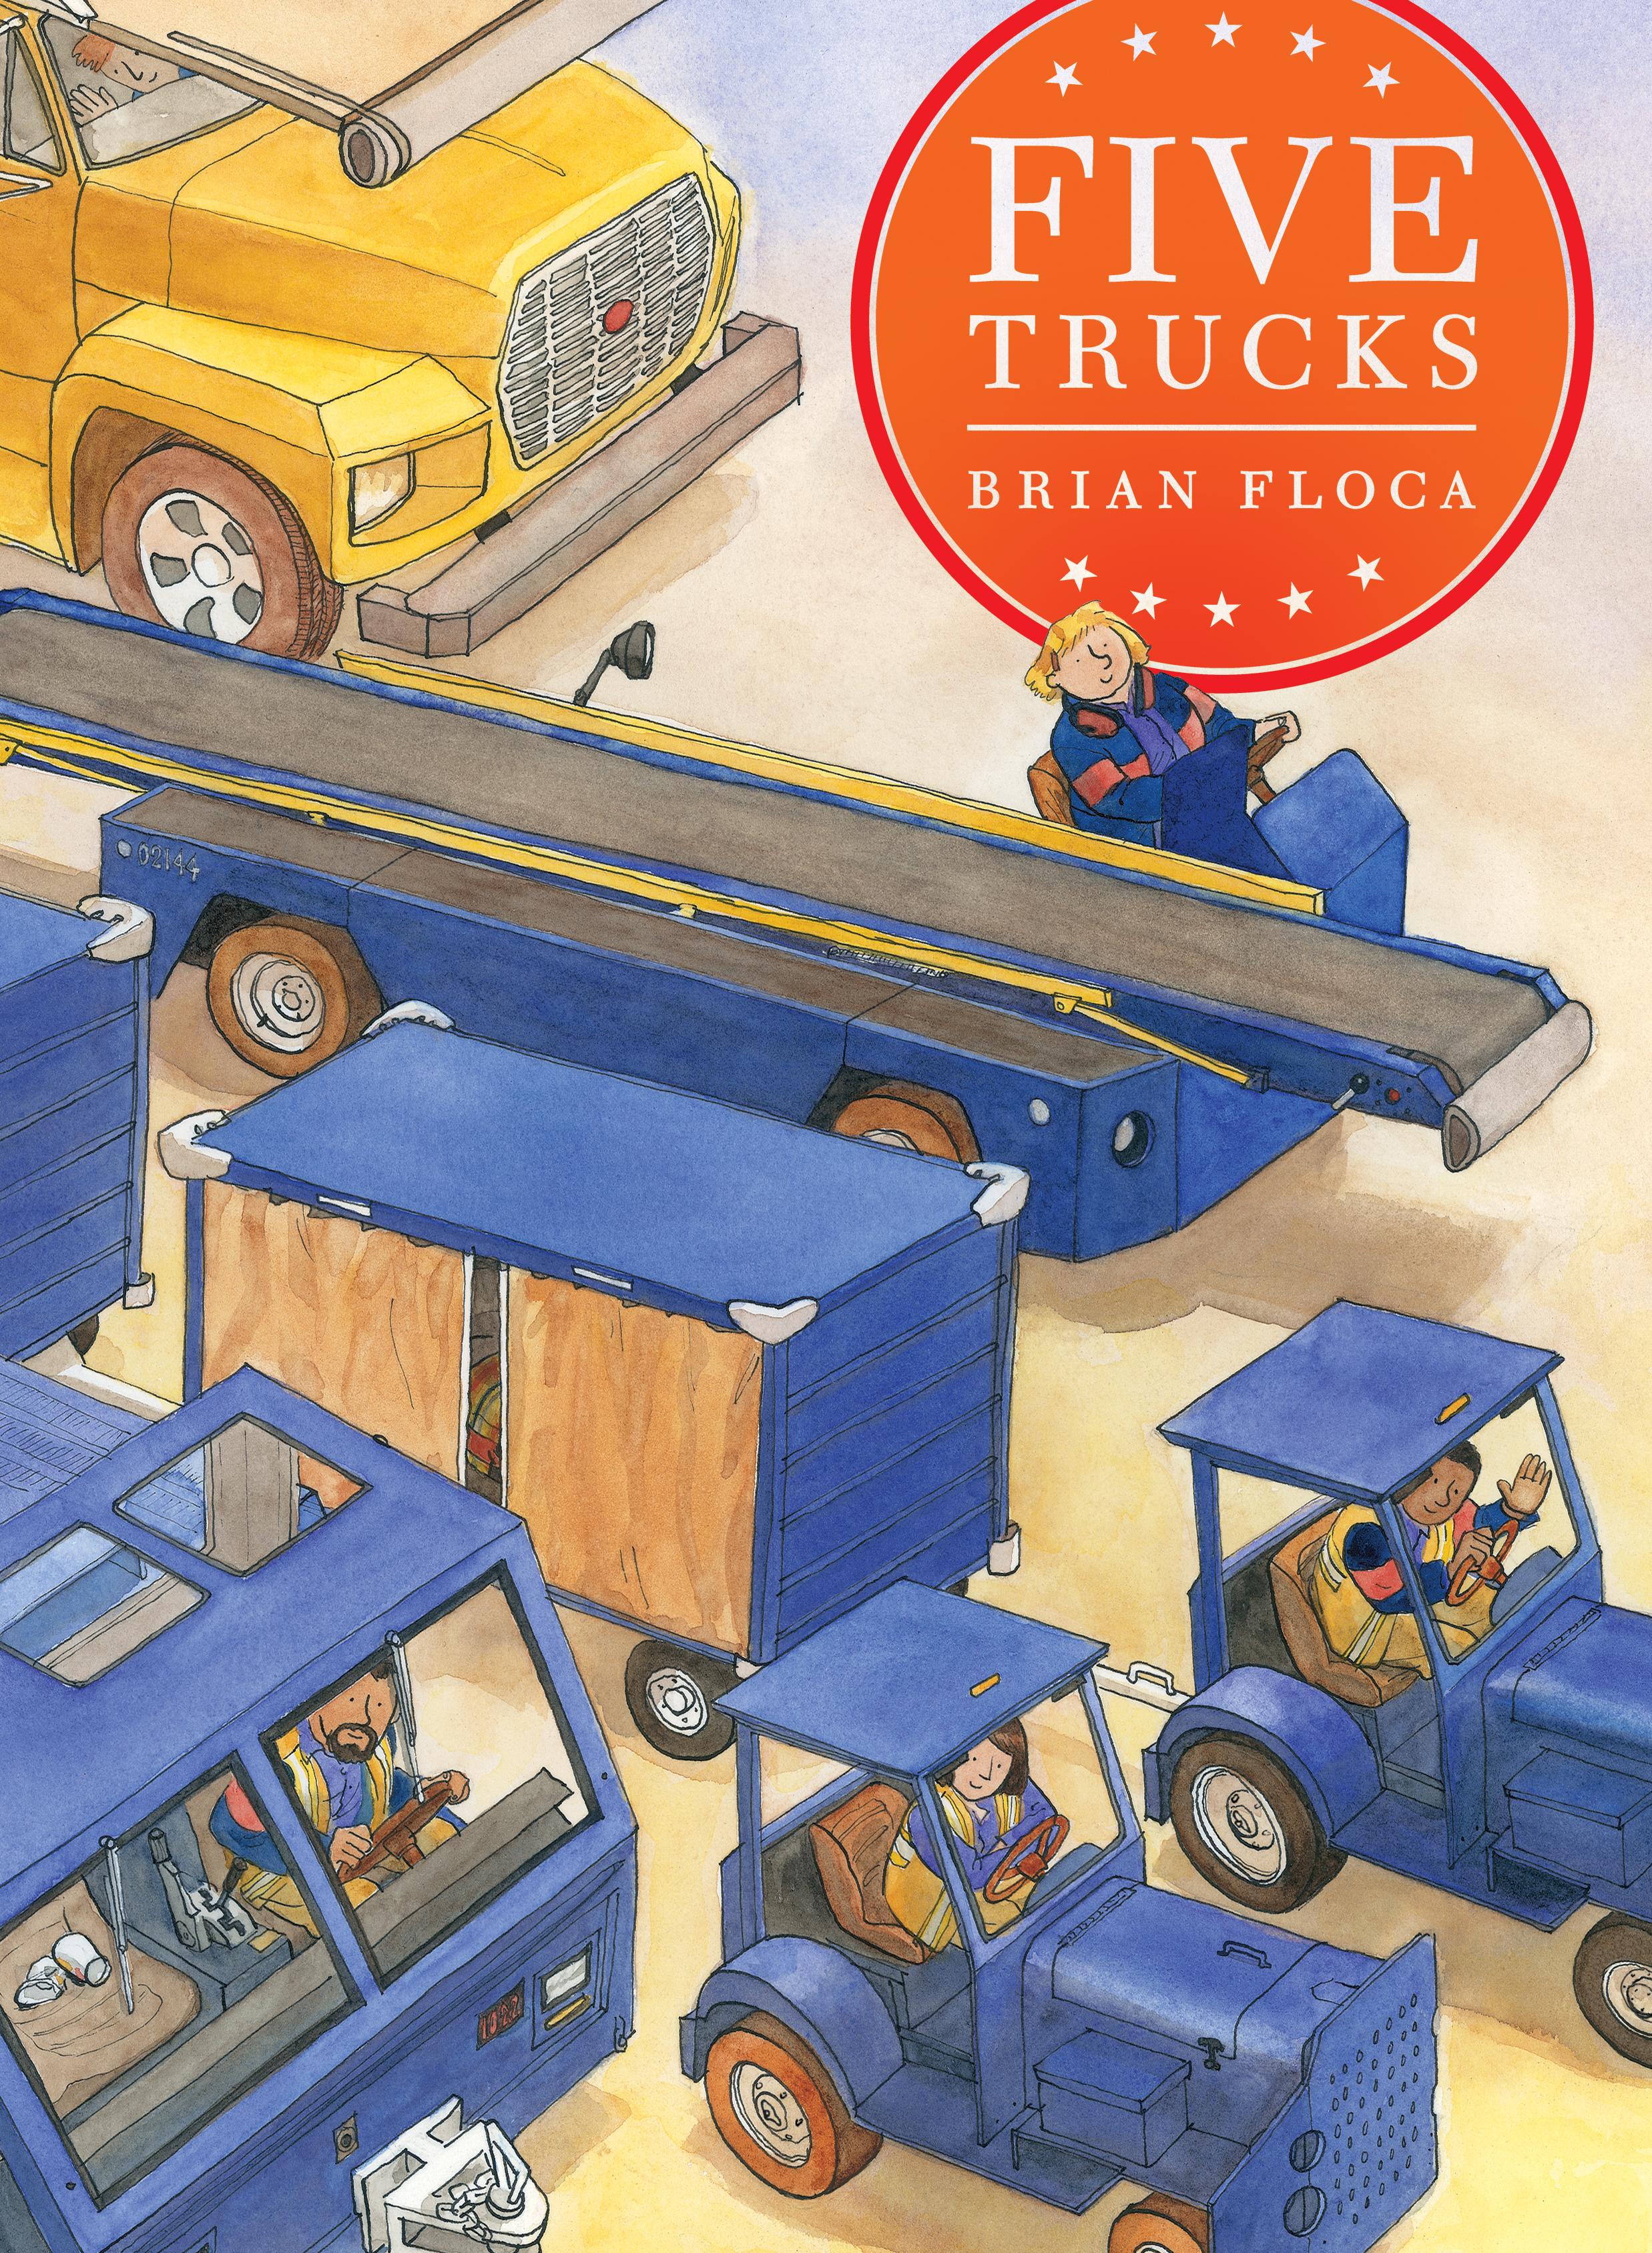 Five trucks 9781481405935 hr